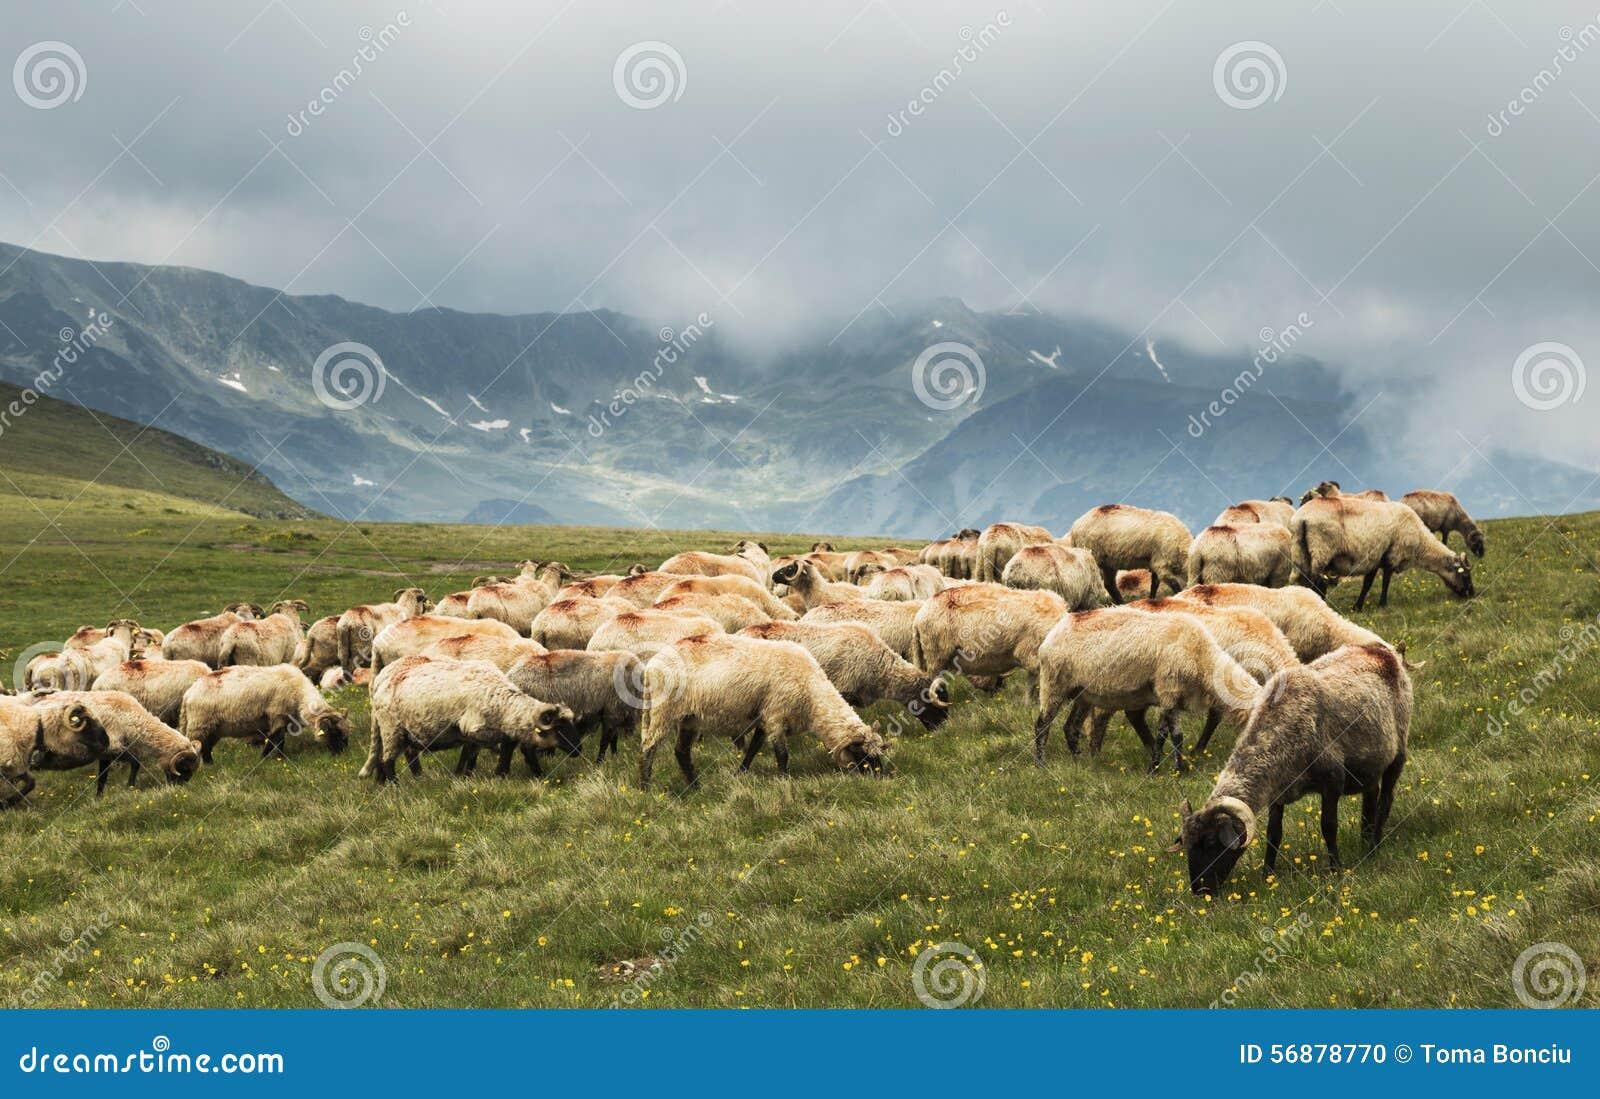 Pecore che scendono la montagna